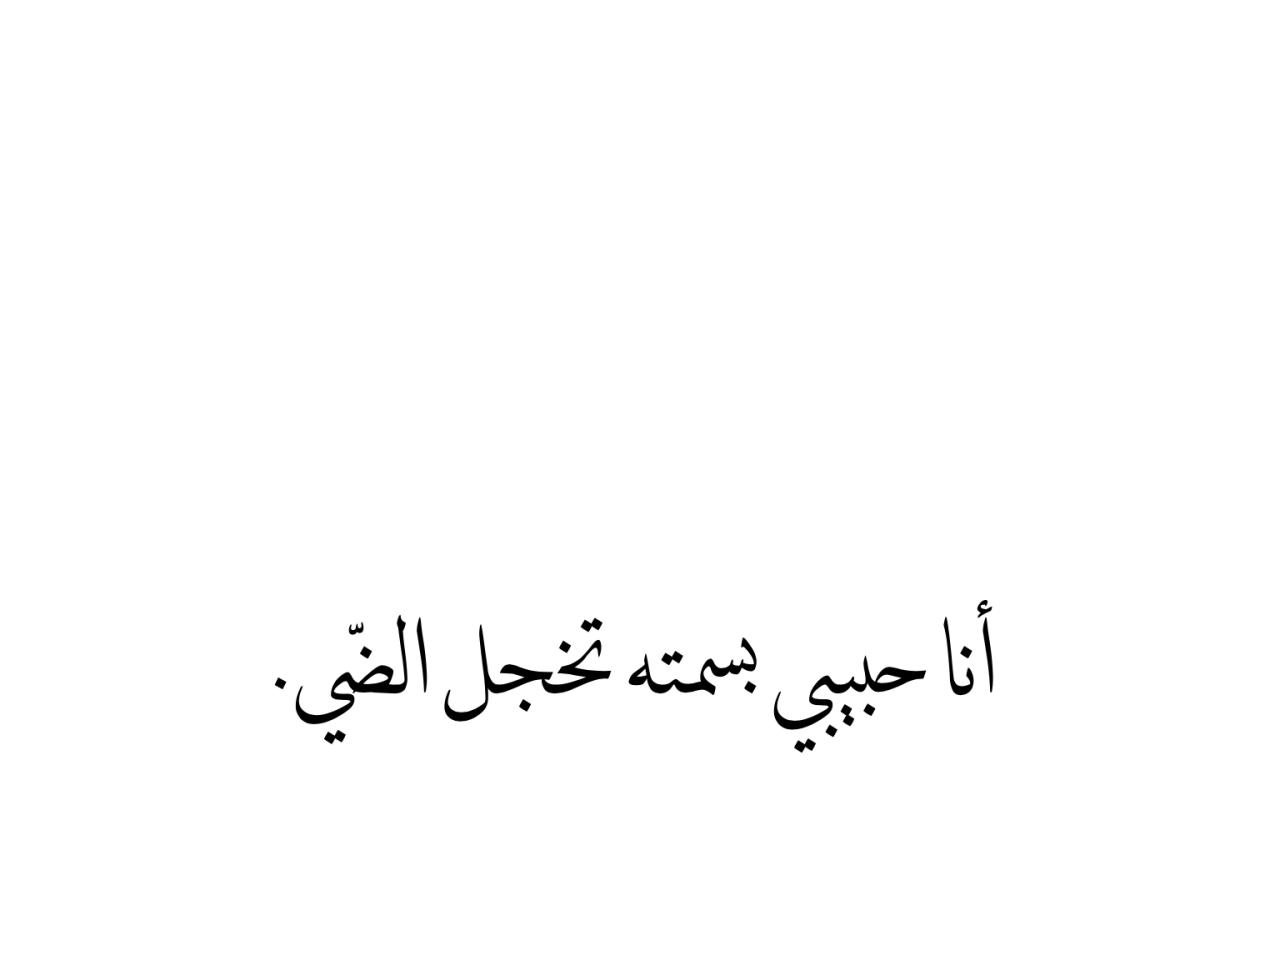 بالصور شعر حب وشوق , اجمل القصائد الشعرية في الحب 3281 1